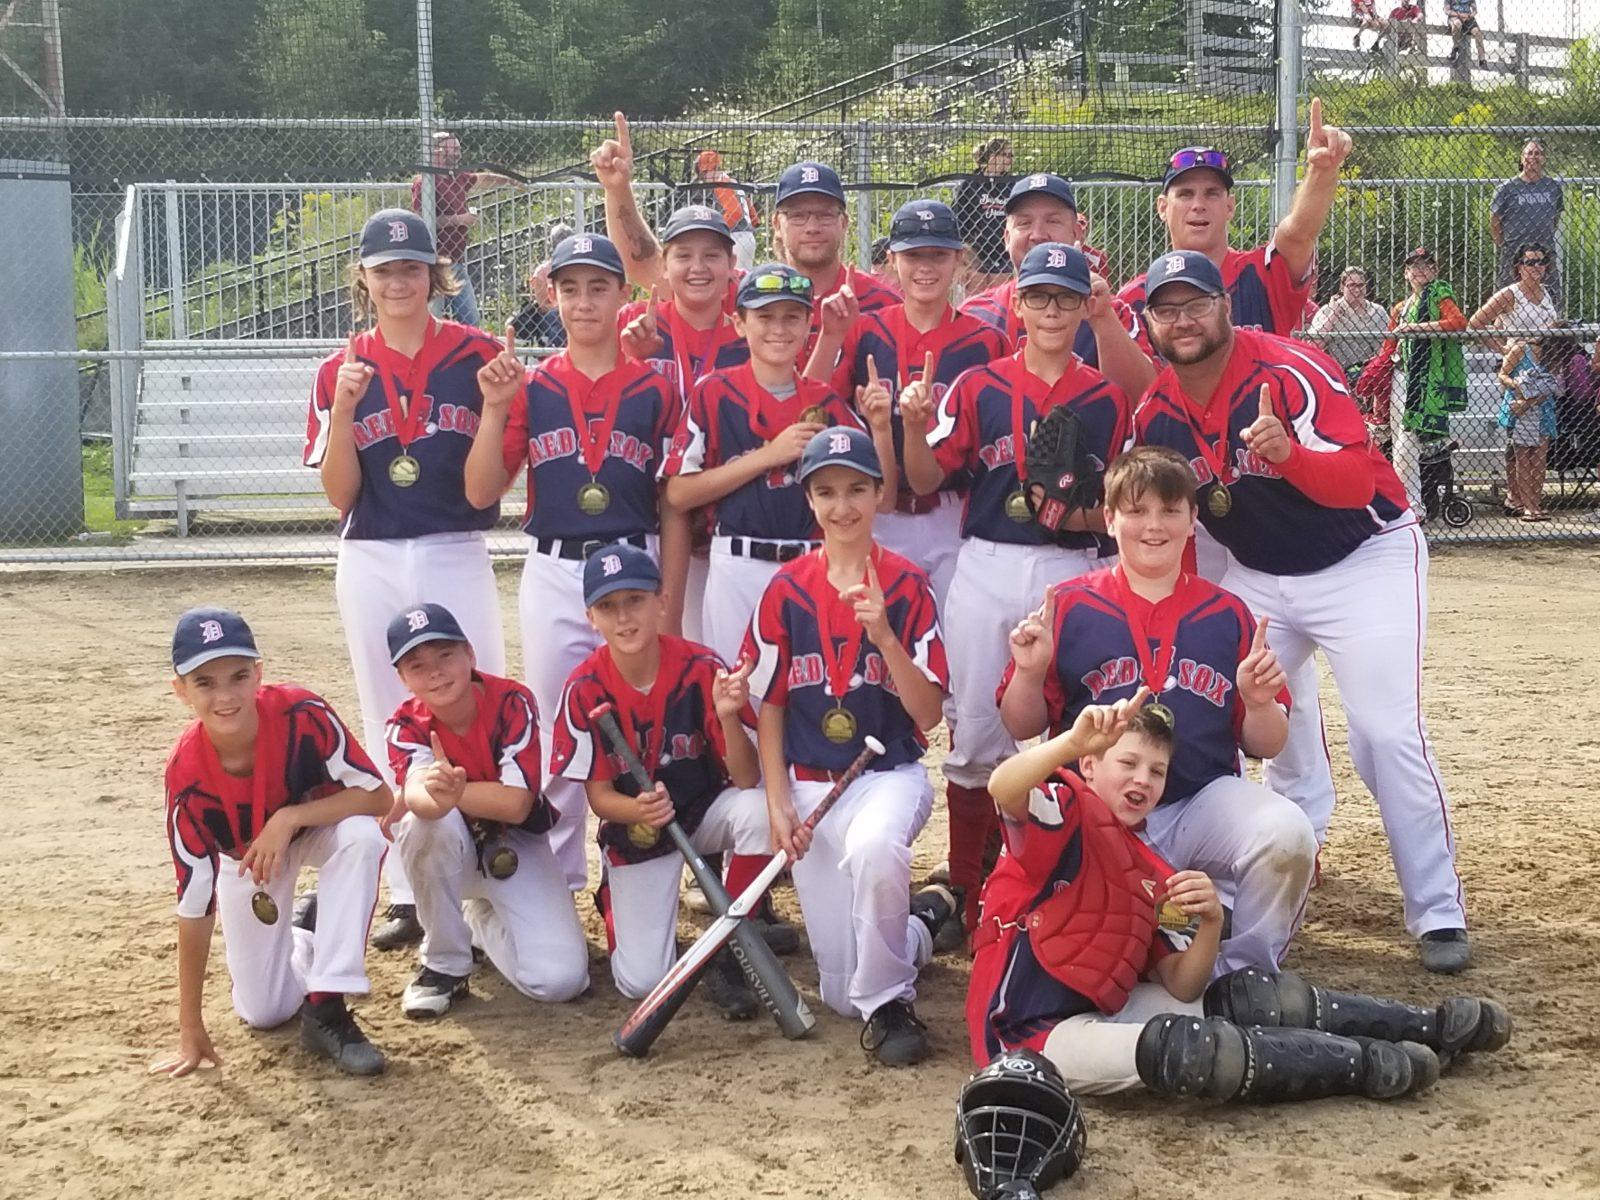 Les Red Sox champions régionaux